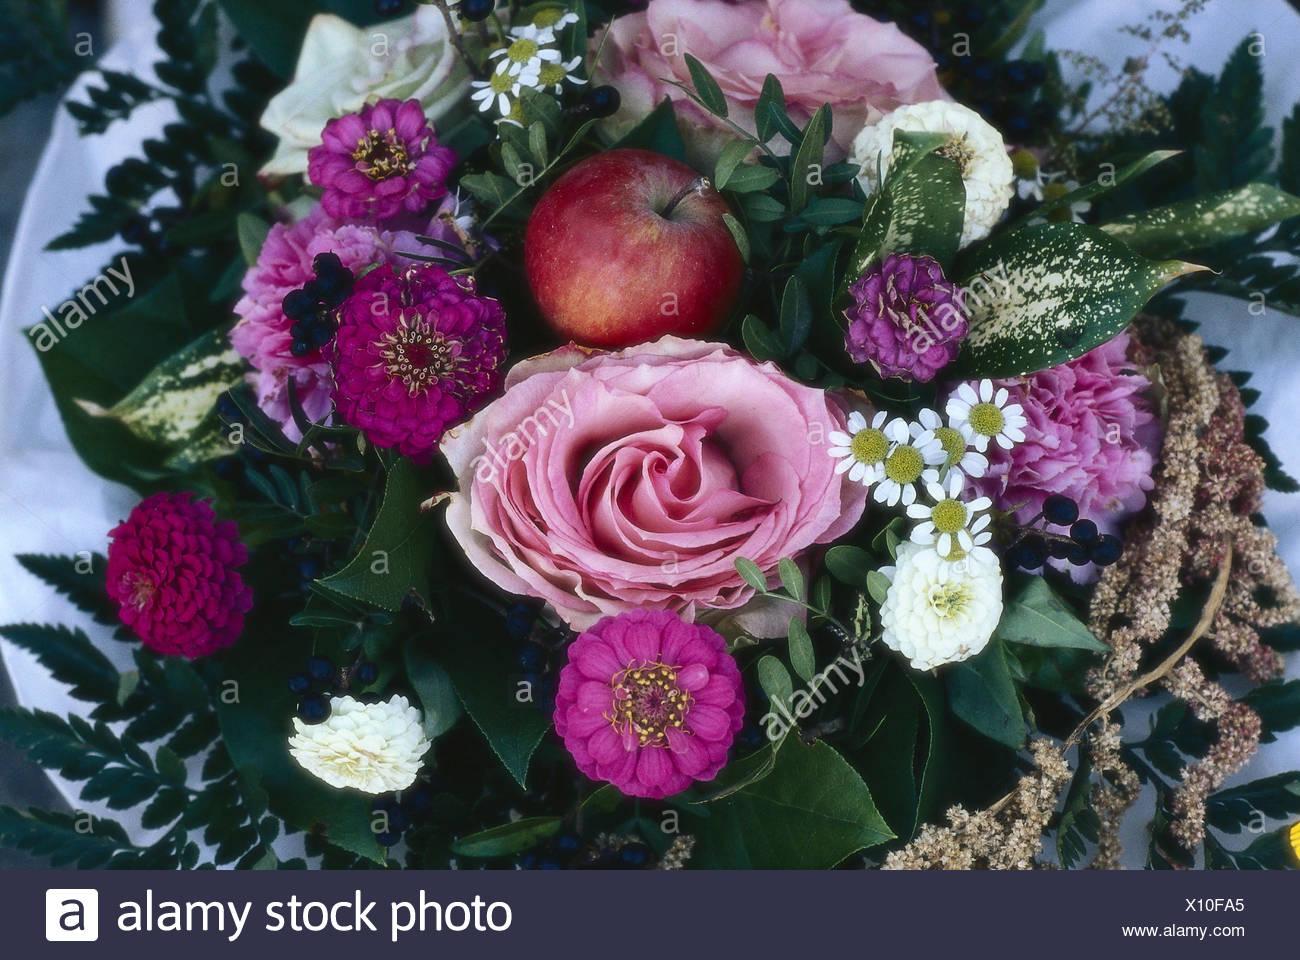 Mazzo di fiori rose garofani apple dettaglio piante fiori